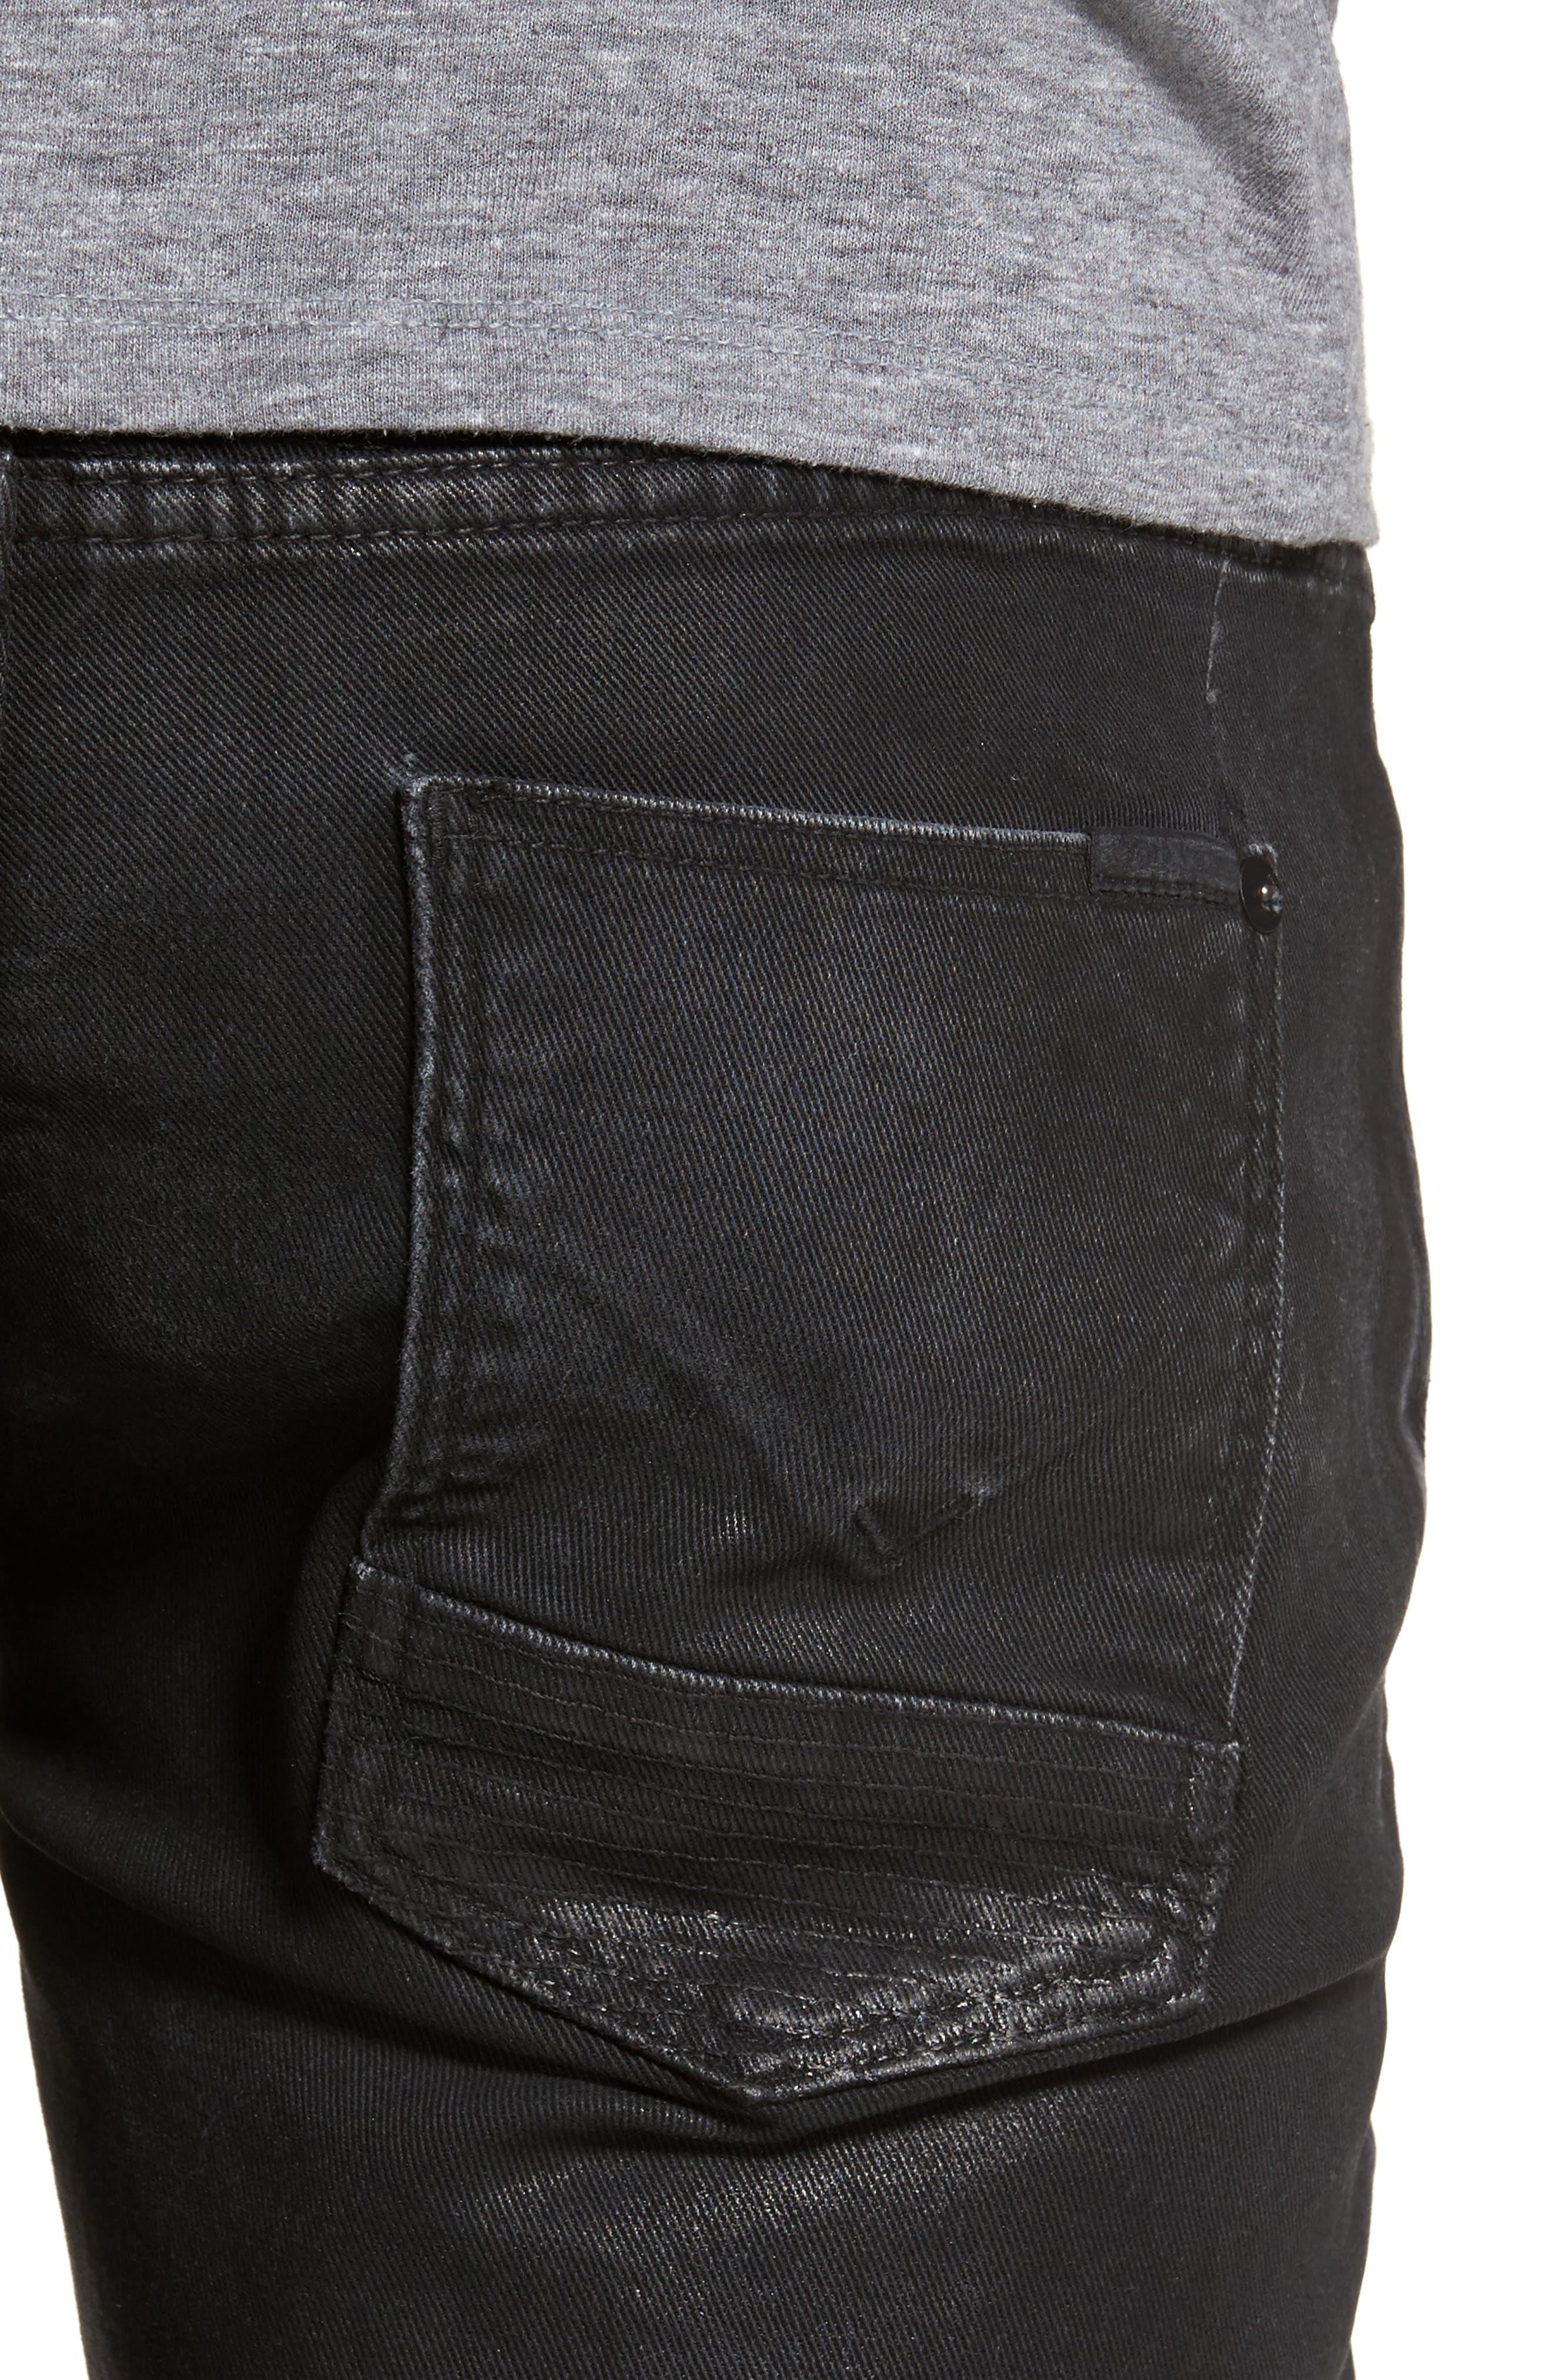 Alternate Image 4  - Hudson Jeans Blinder Biker Skinny Fit Jeans (Skeme)